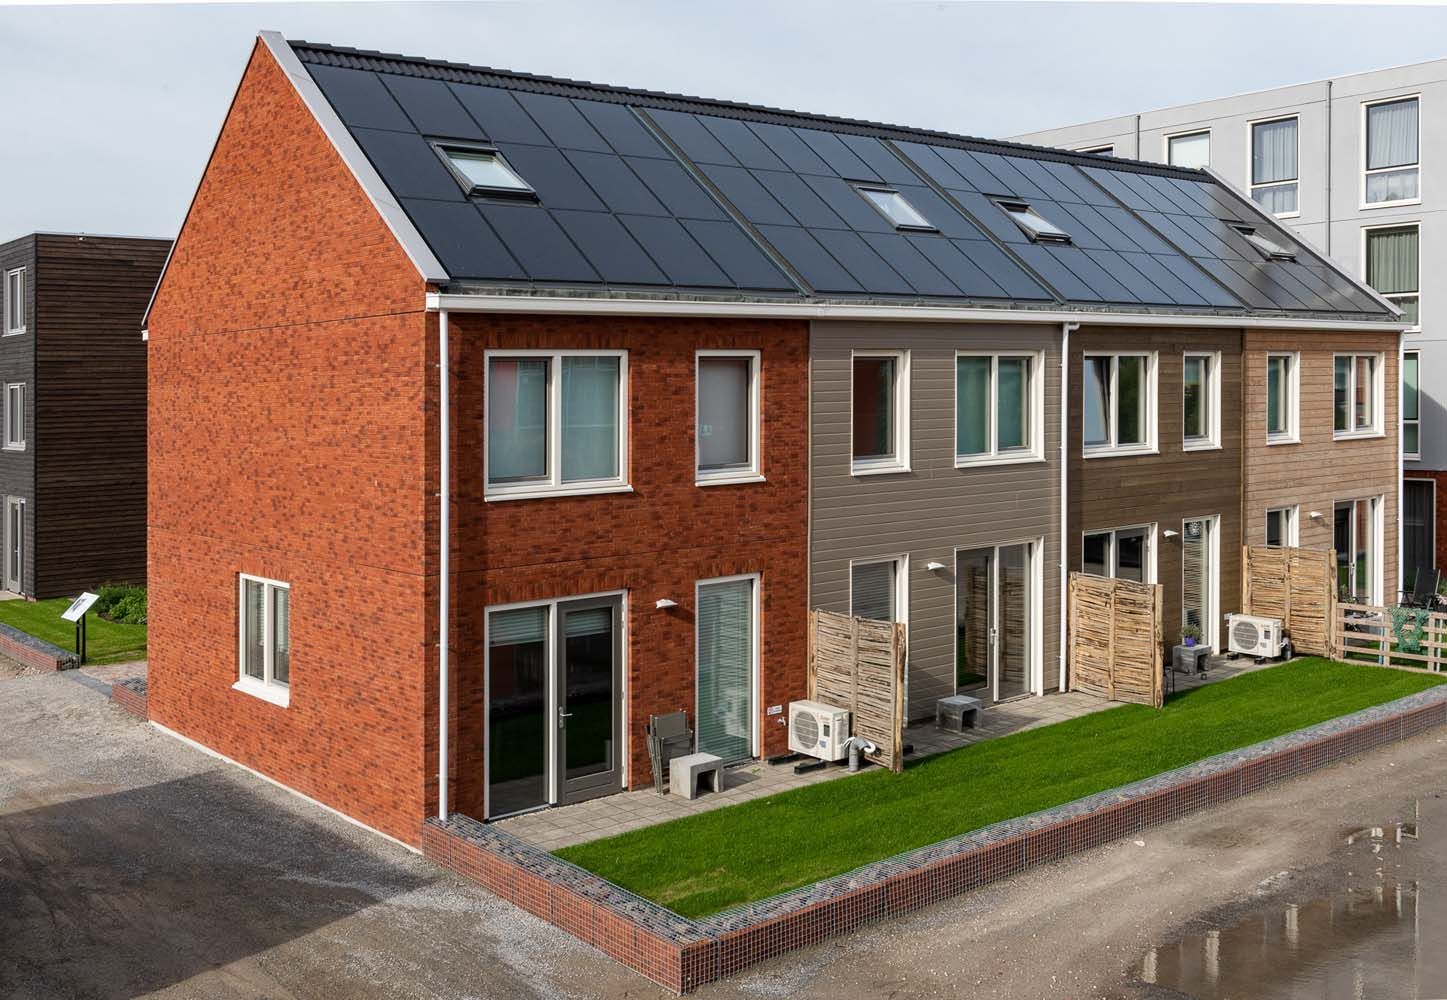 Vier woningen met verschillende gevels bij de Loskade in Groningen